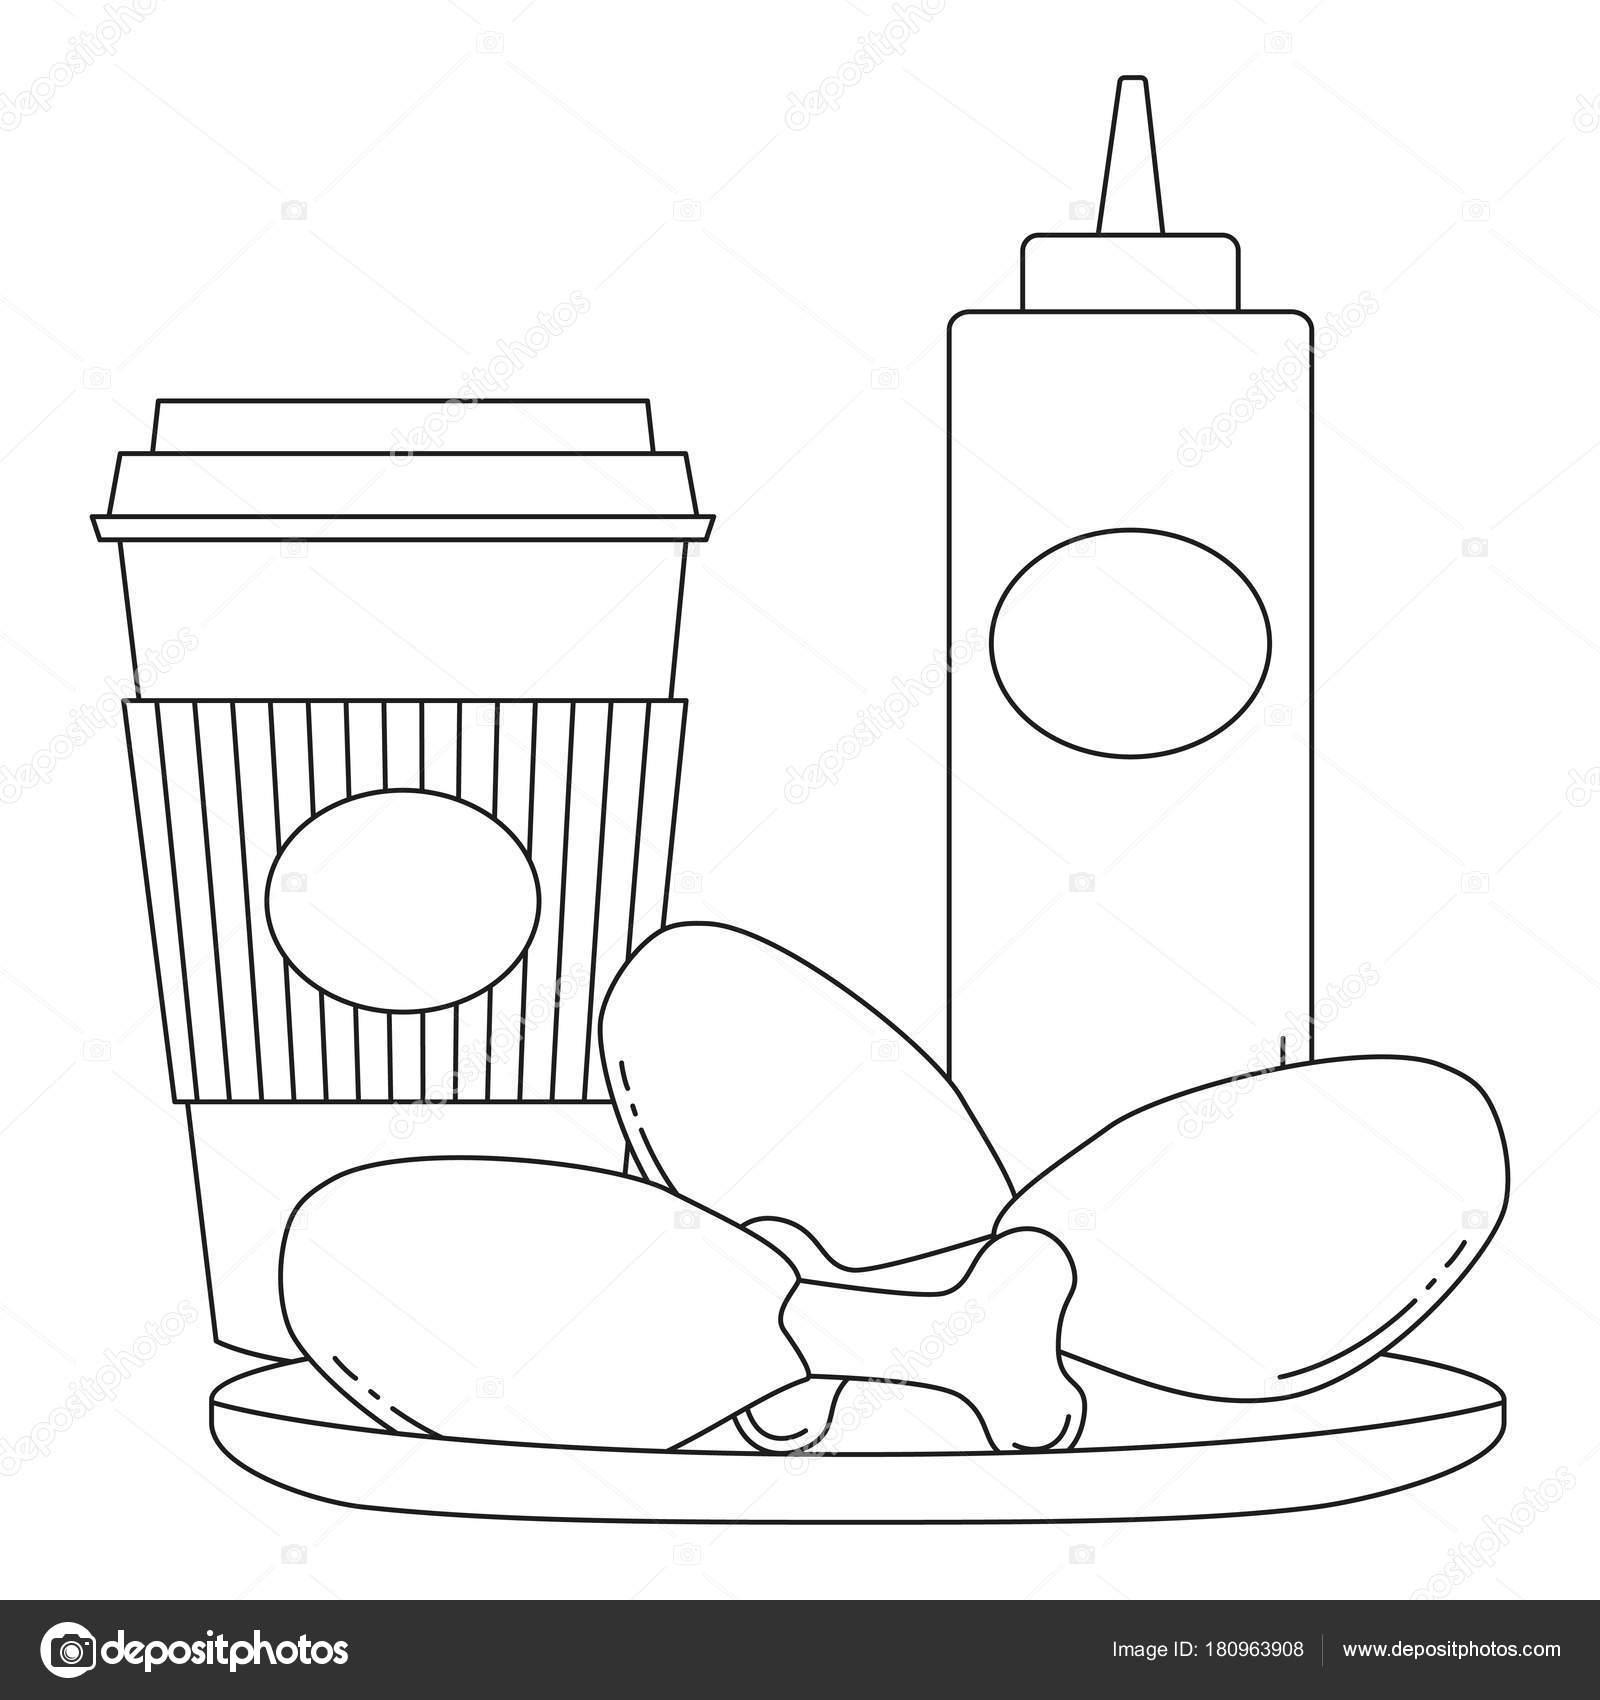 Schwarz / weiß Linie Kunst Poster Fastfood Kaffee Tee-Hühnchen mit ...